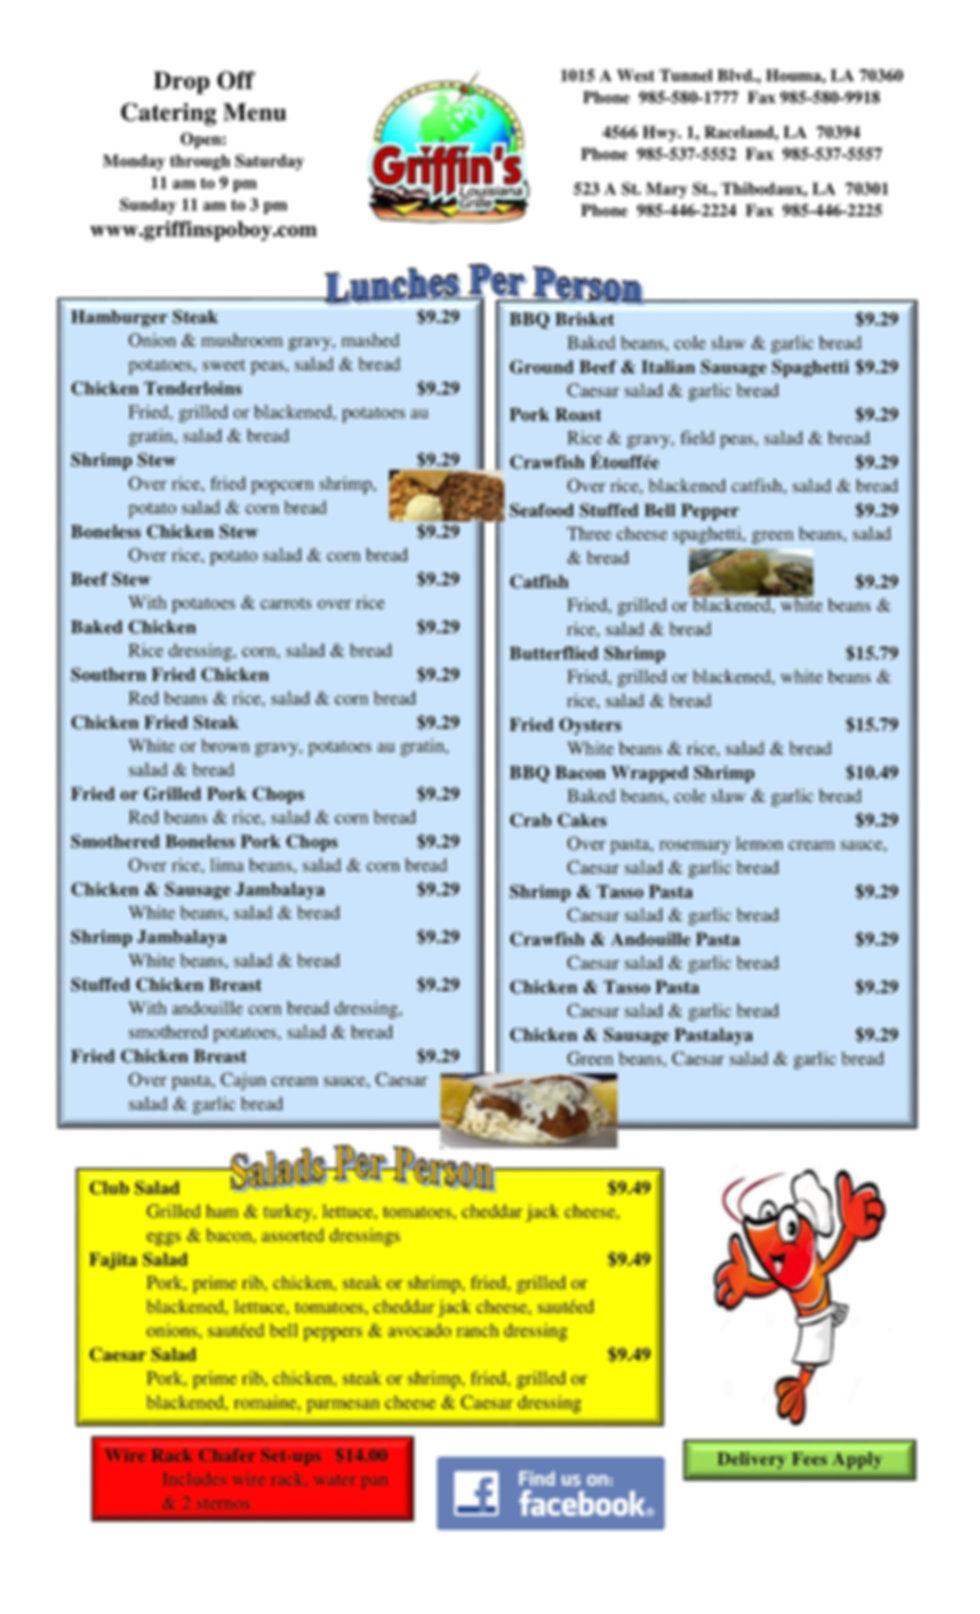 catering menu color legal-2.jpg